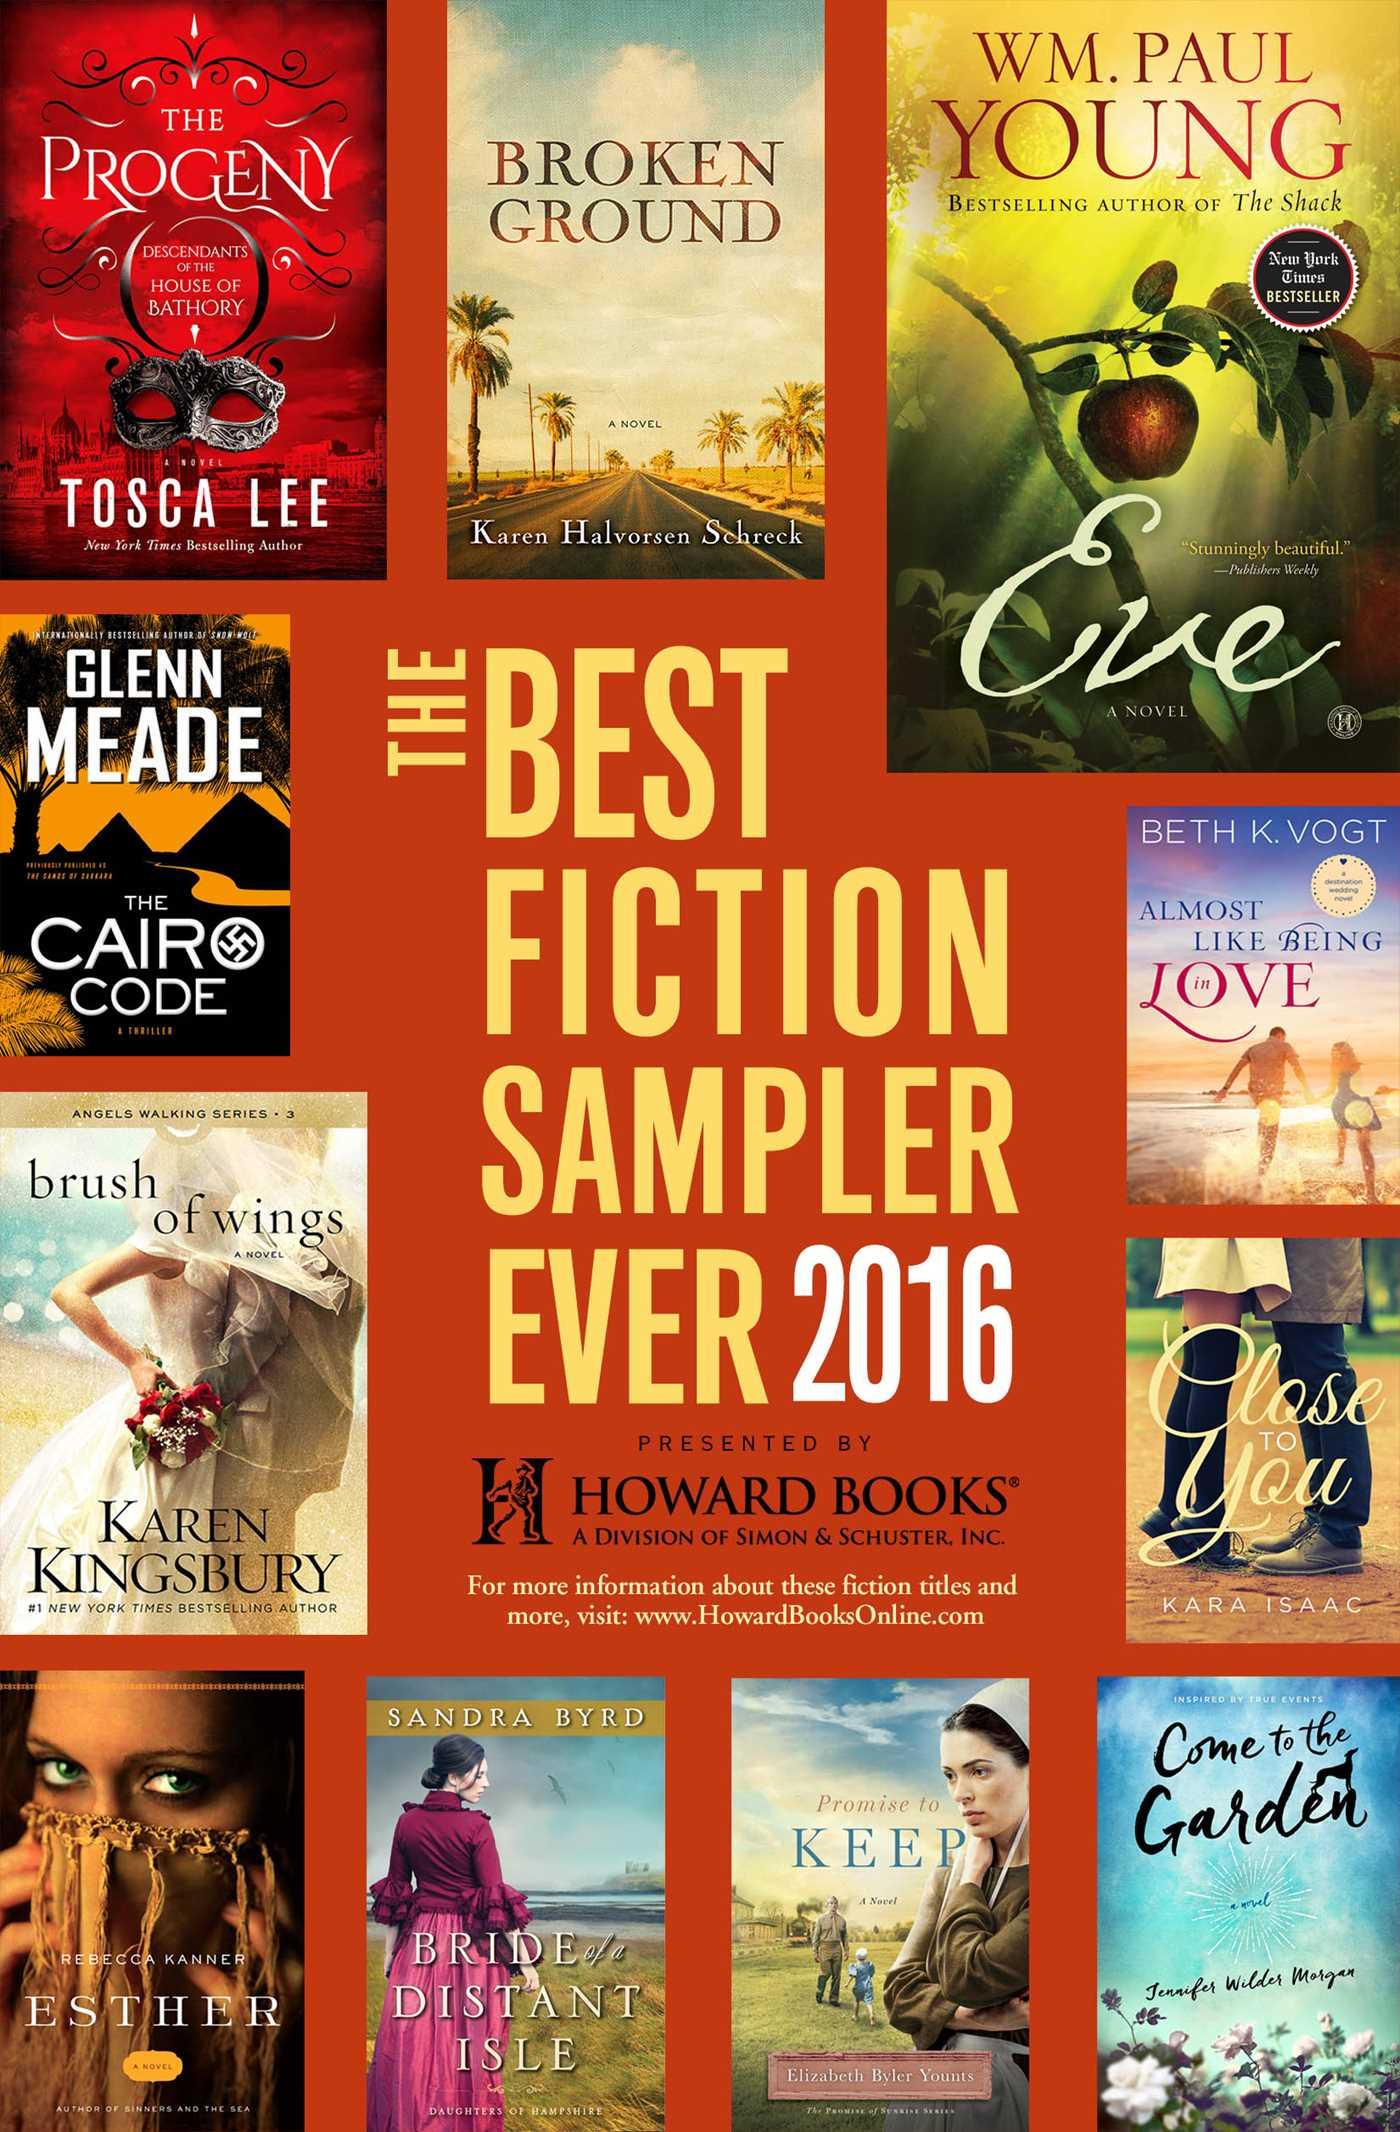 Best fiction sampler ever 2016 howard books 9781501141645 hr